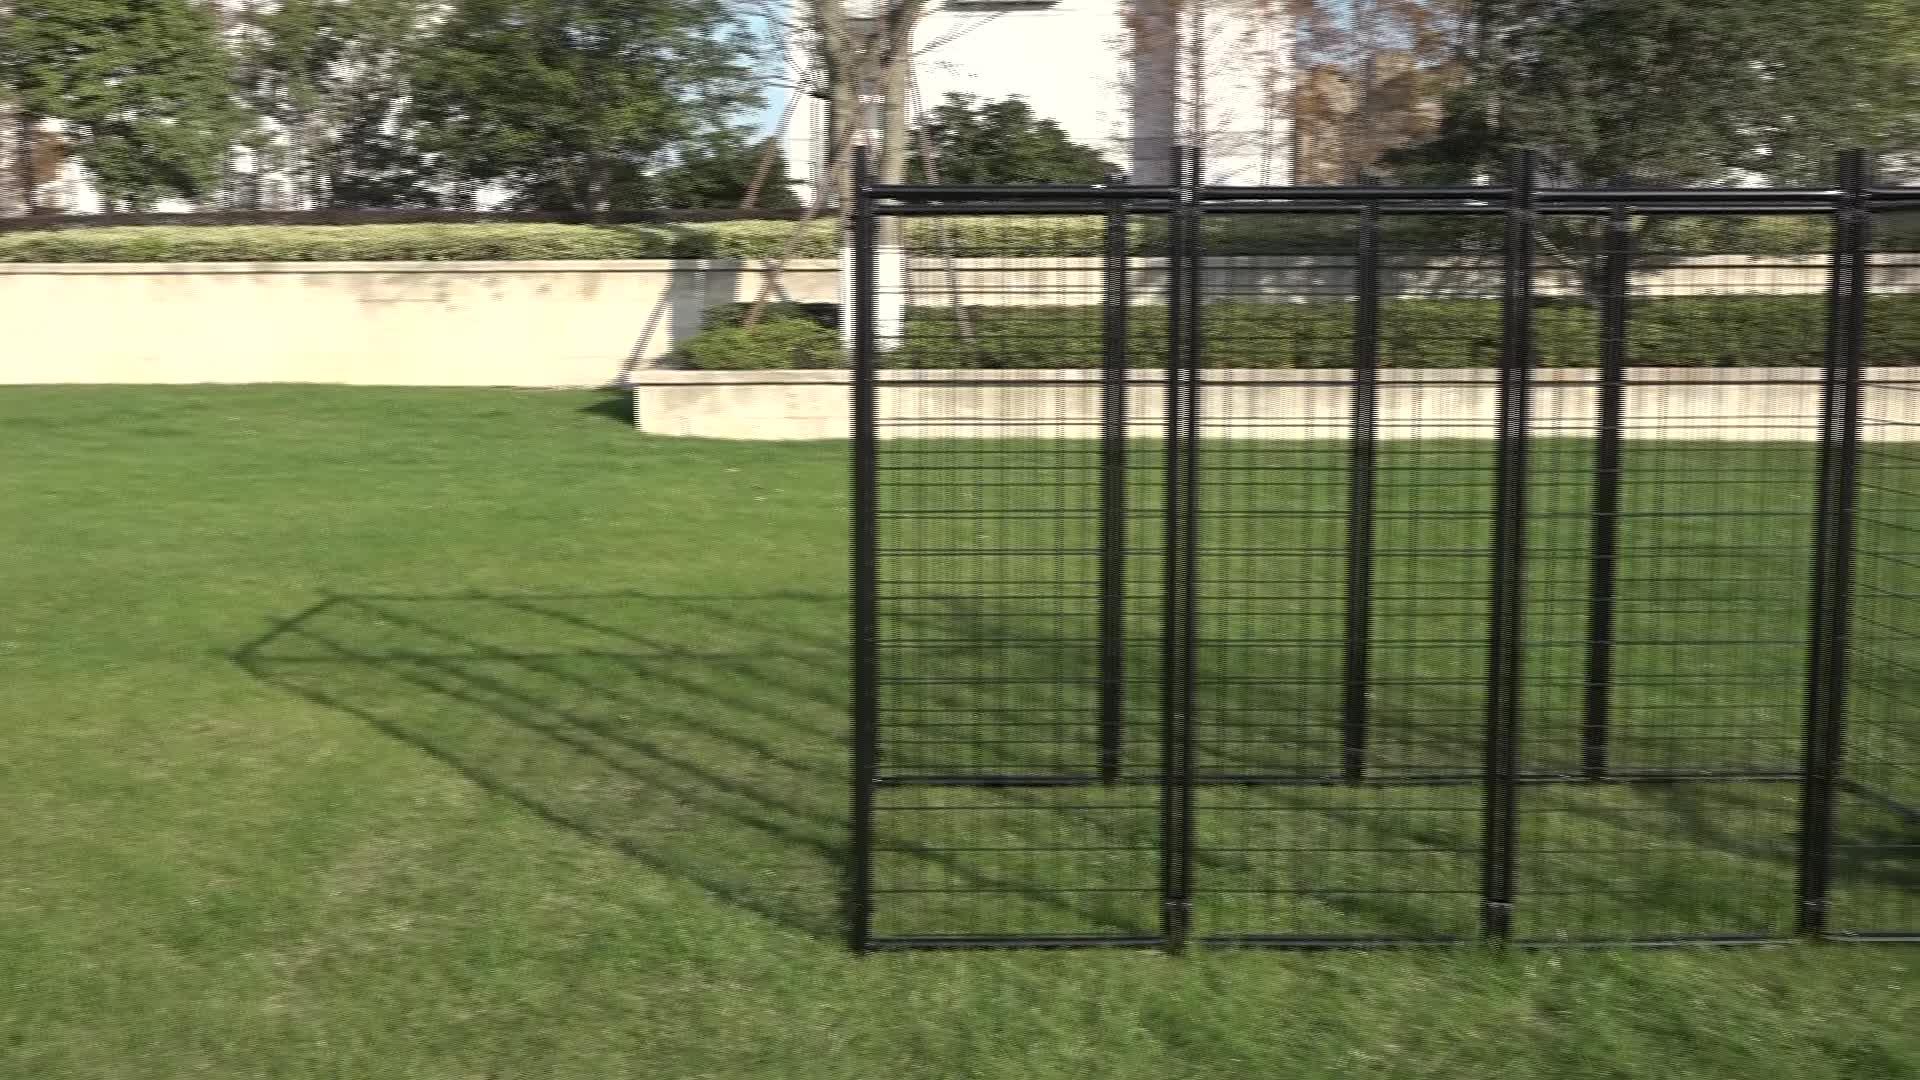 סיטונאי מותאם אישית חיצוני ומקורה כבד החובה מתכת העלאה כלב מלונה עם נעילת כיסוי